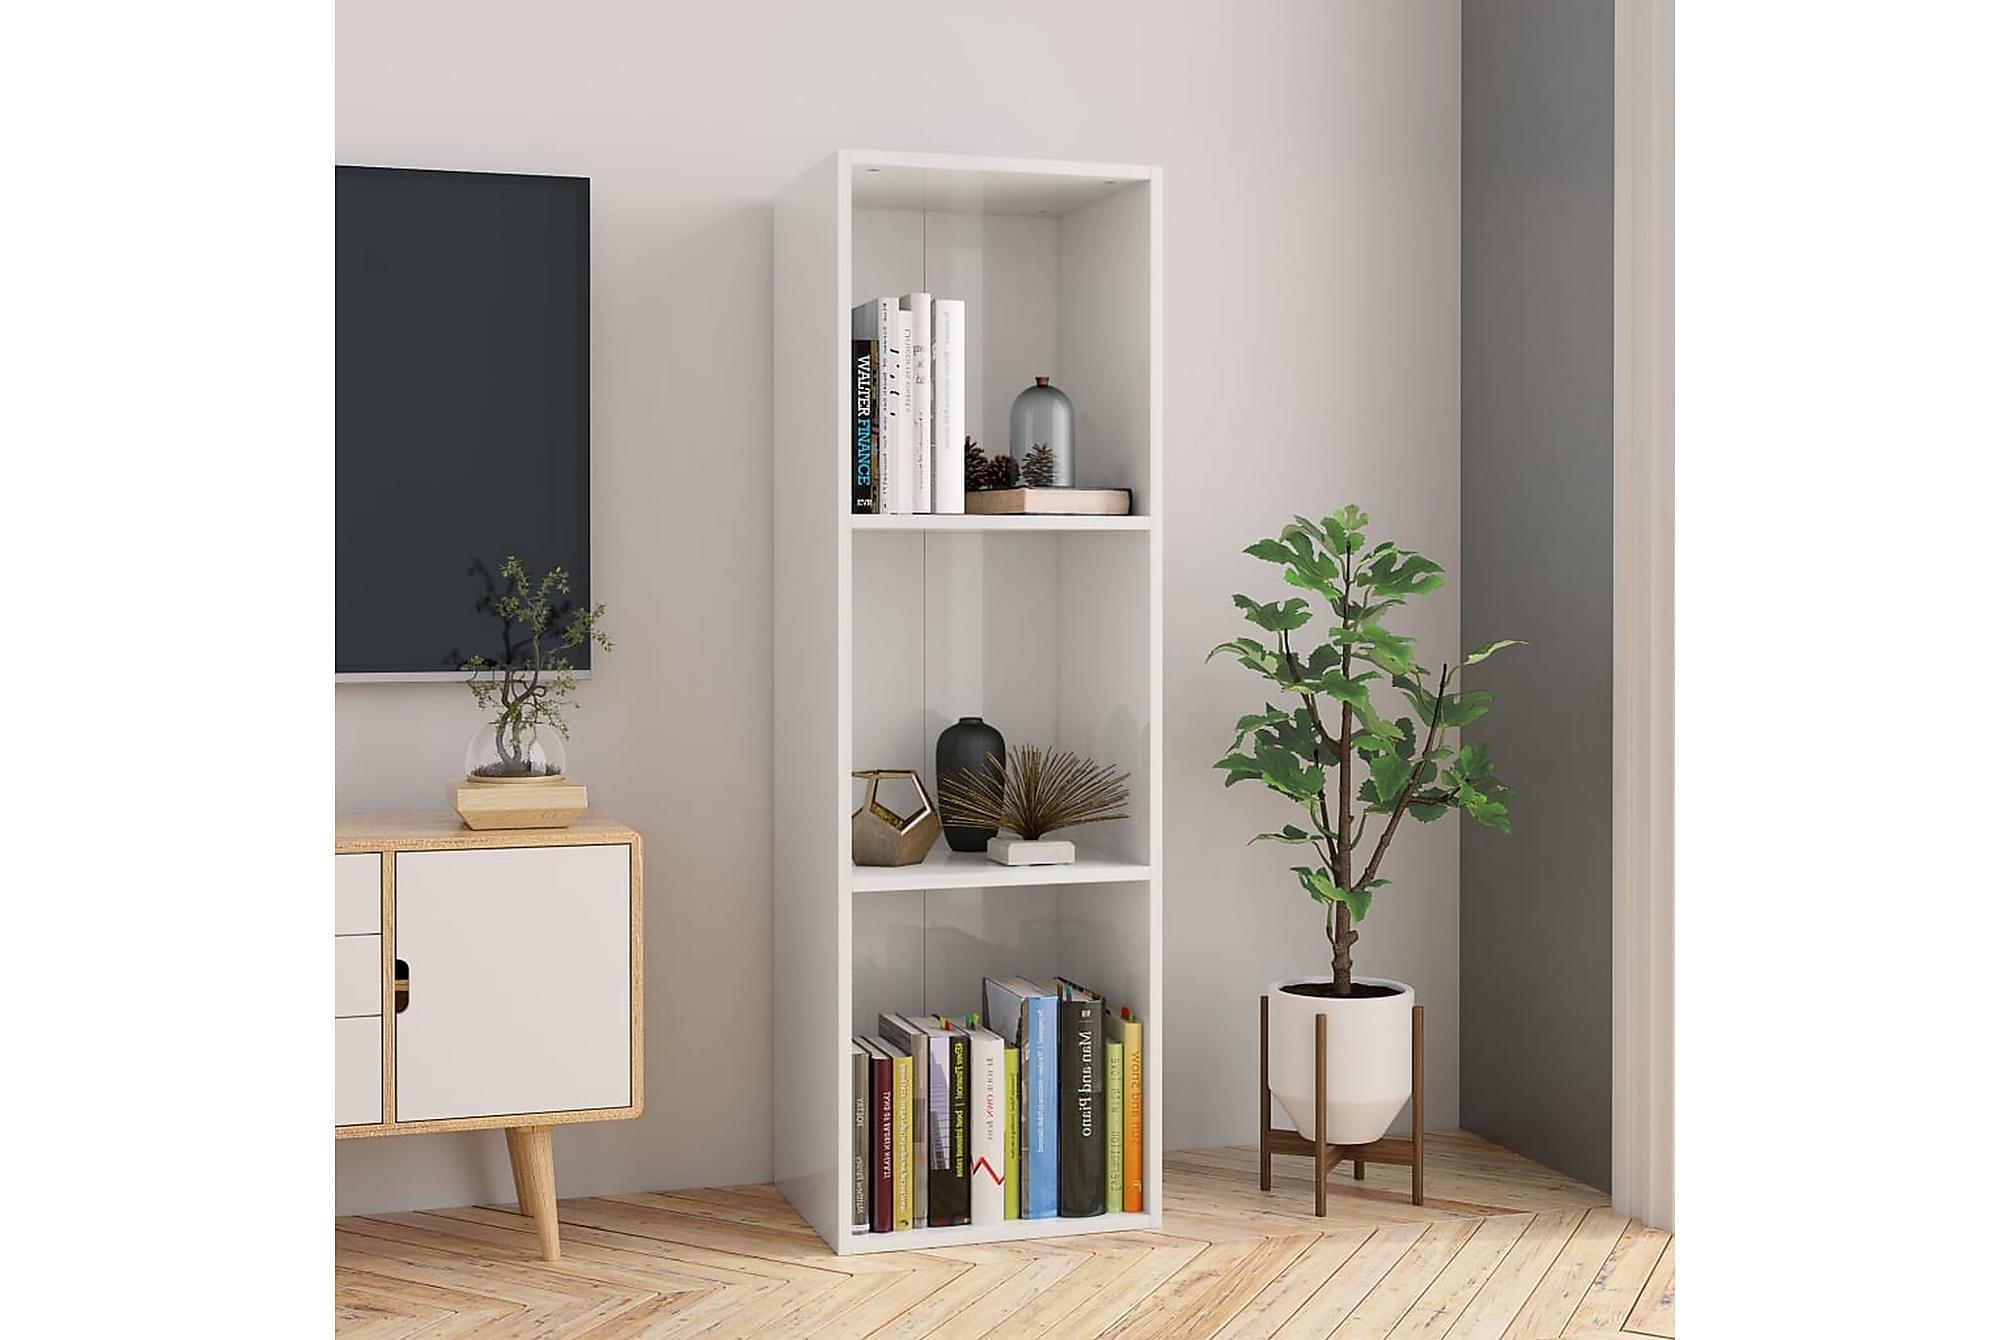 Bokhylla/TV-bänk vit högglans 36x30x114 cm spånskiva, Tv-bänkar